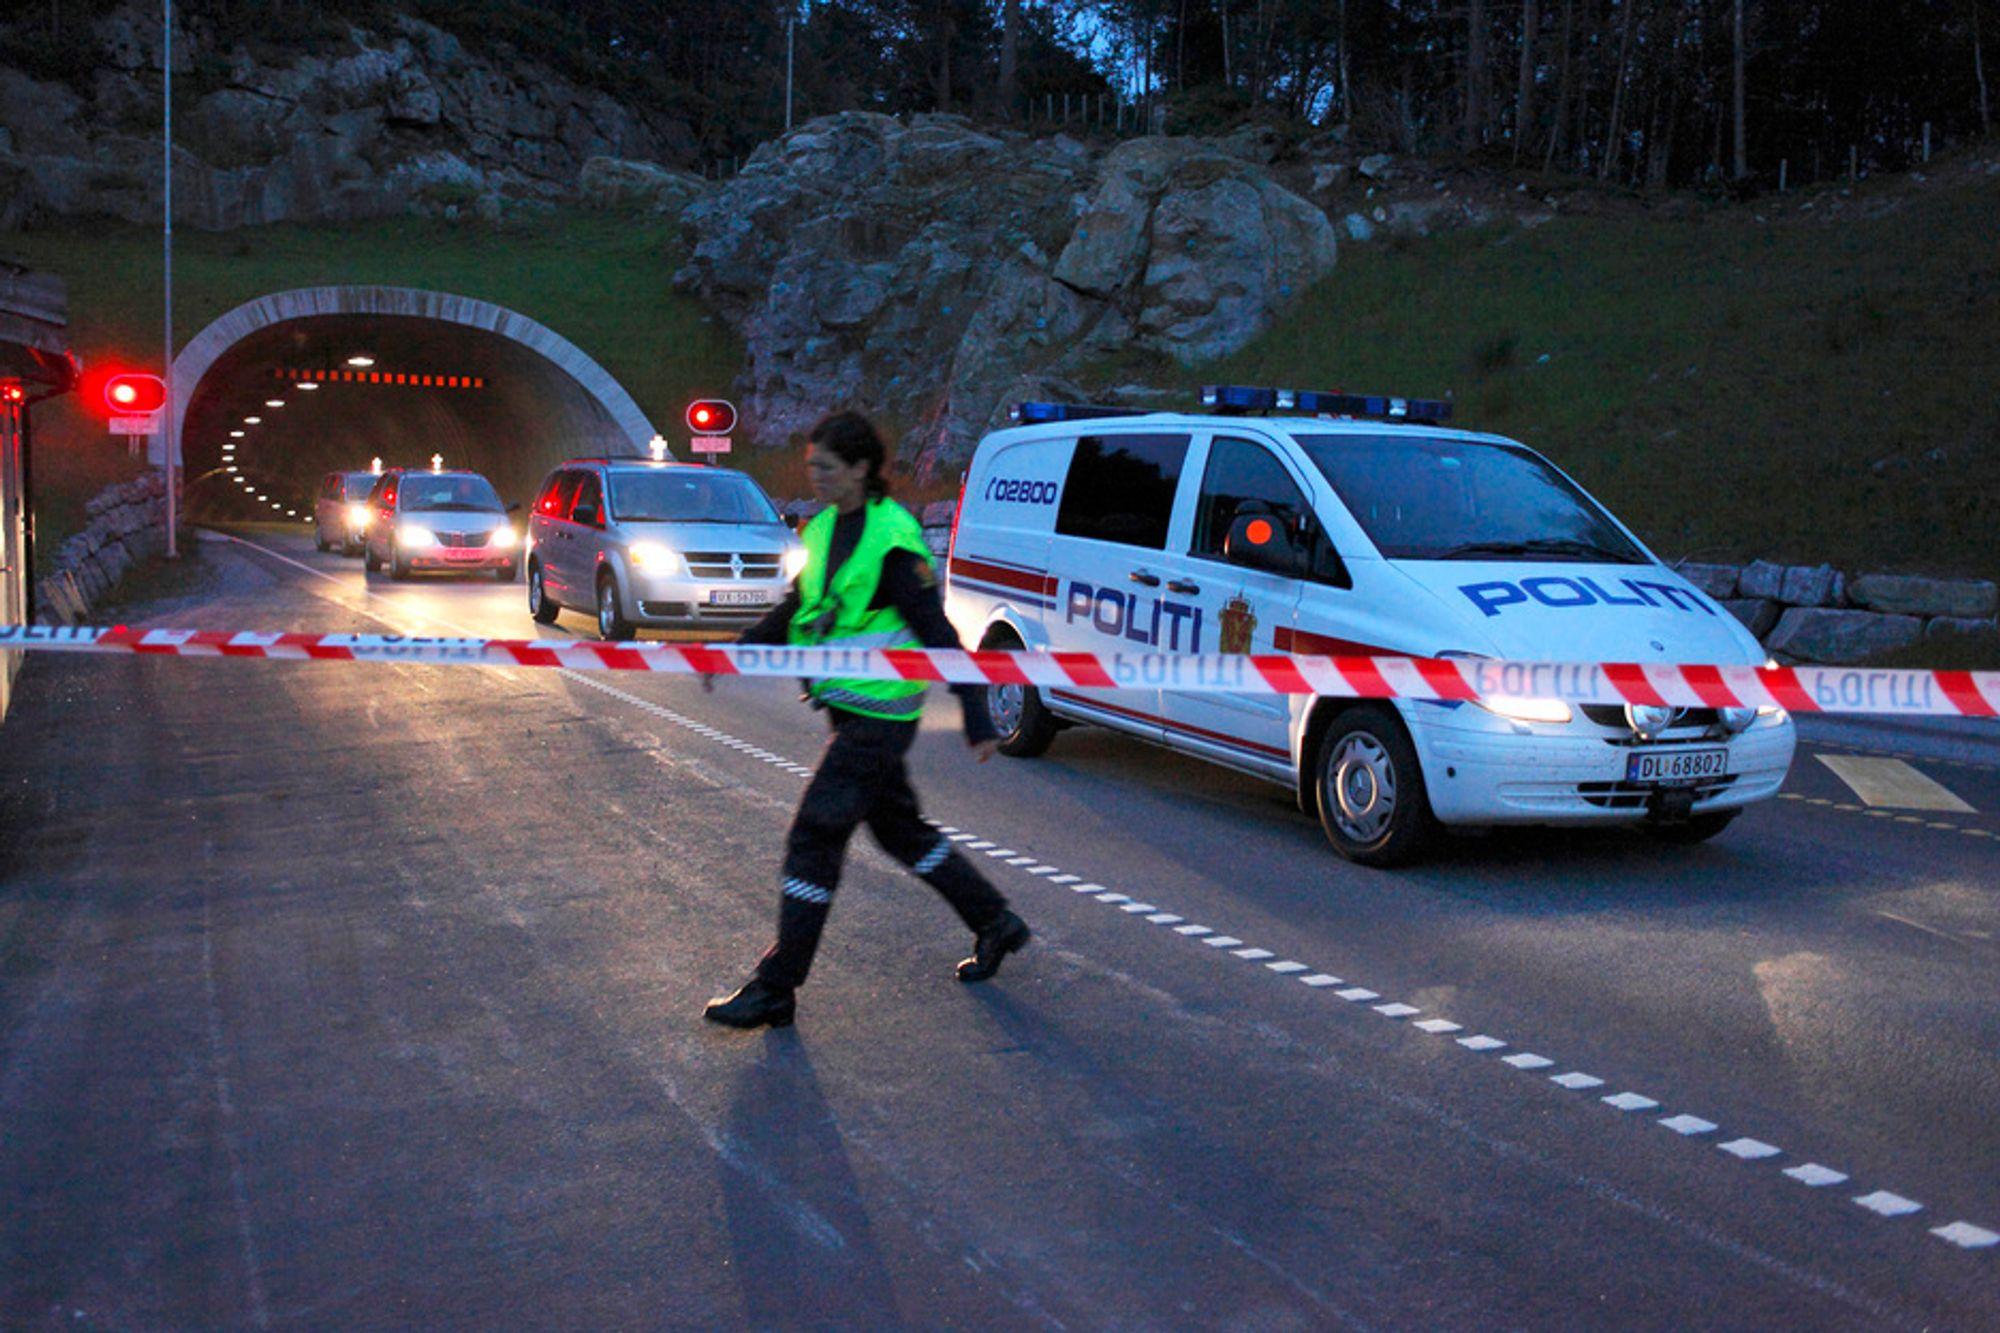 TRAGISK ULYKKE: Politiet eskorterer ut tre likbiler med omkomne fra Eiksundtunnelen natt til mandag. Fem personer omkom i ulykken søndag kveld. Fire av disse kom fra den lille øykommunen Ørsta.